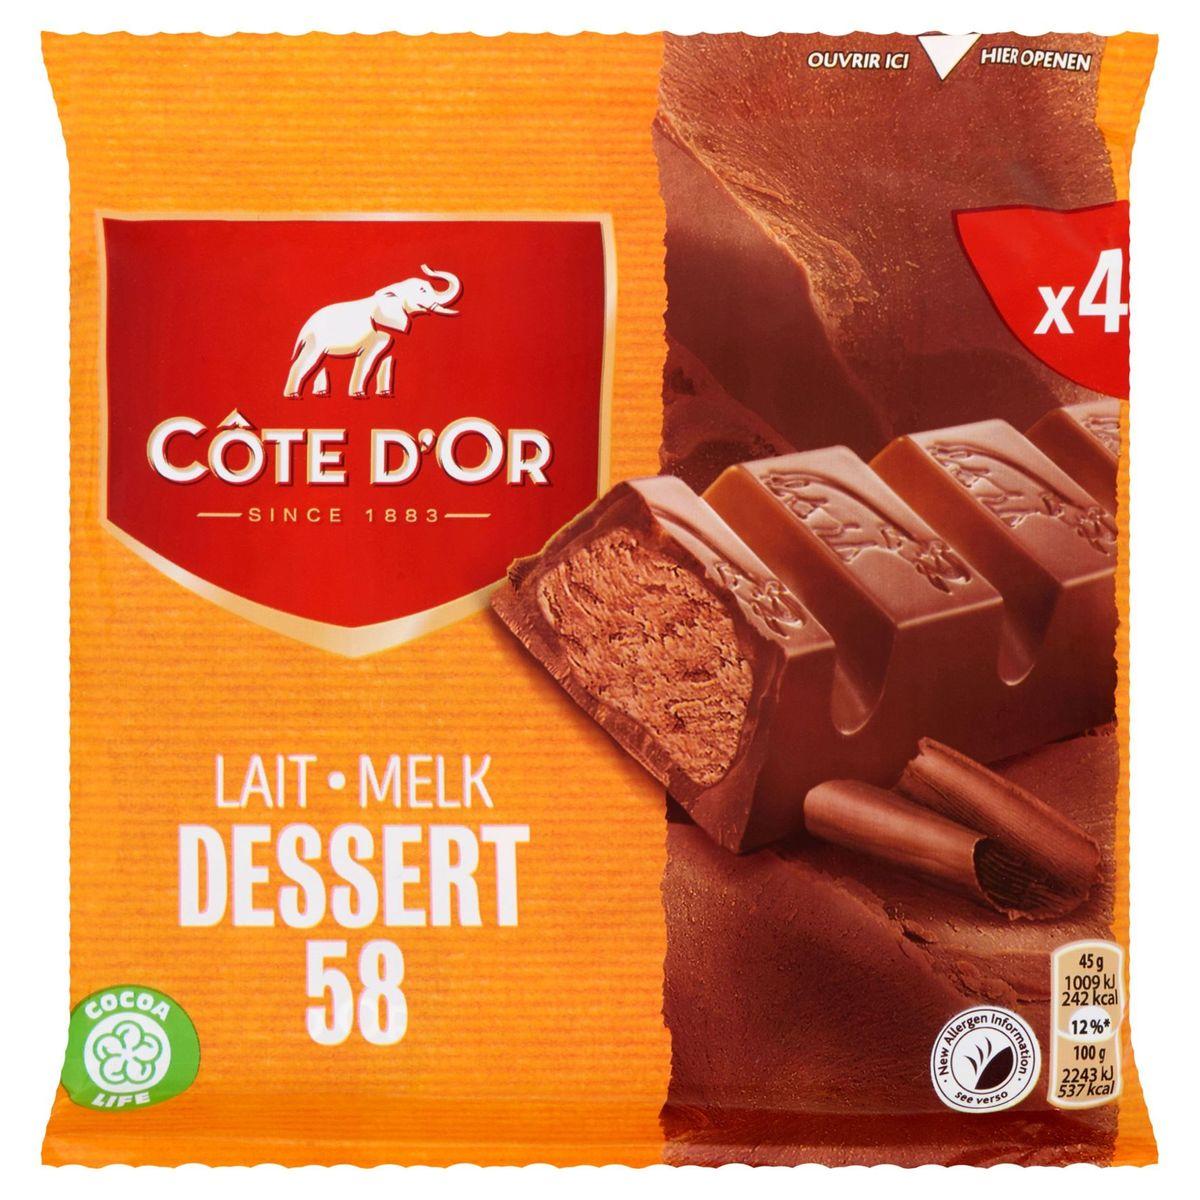 Côte d'Or Lait Dessert 58 4 x 45 g